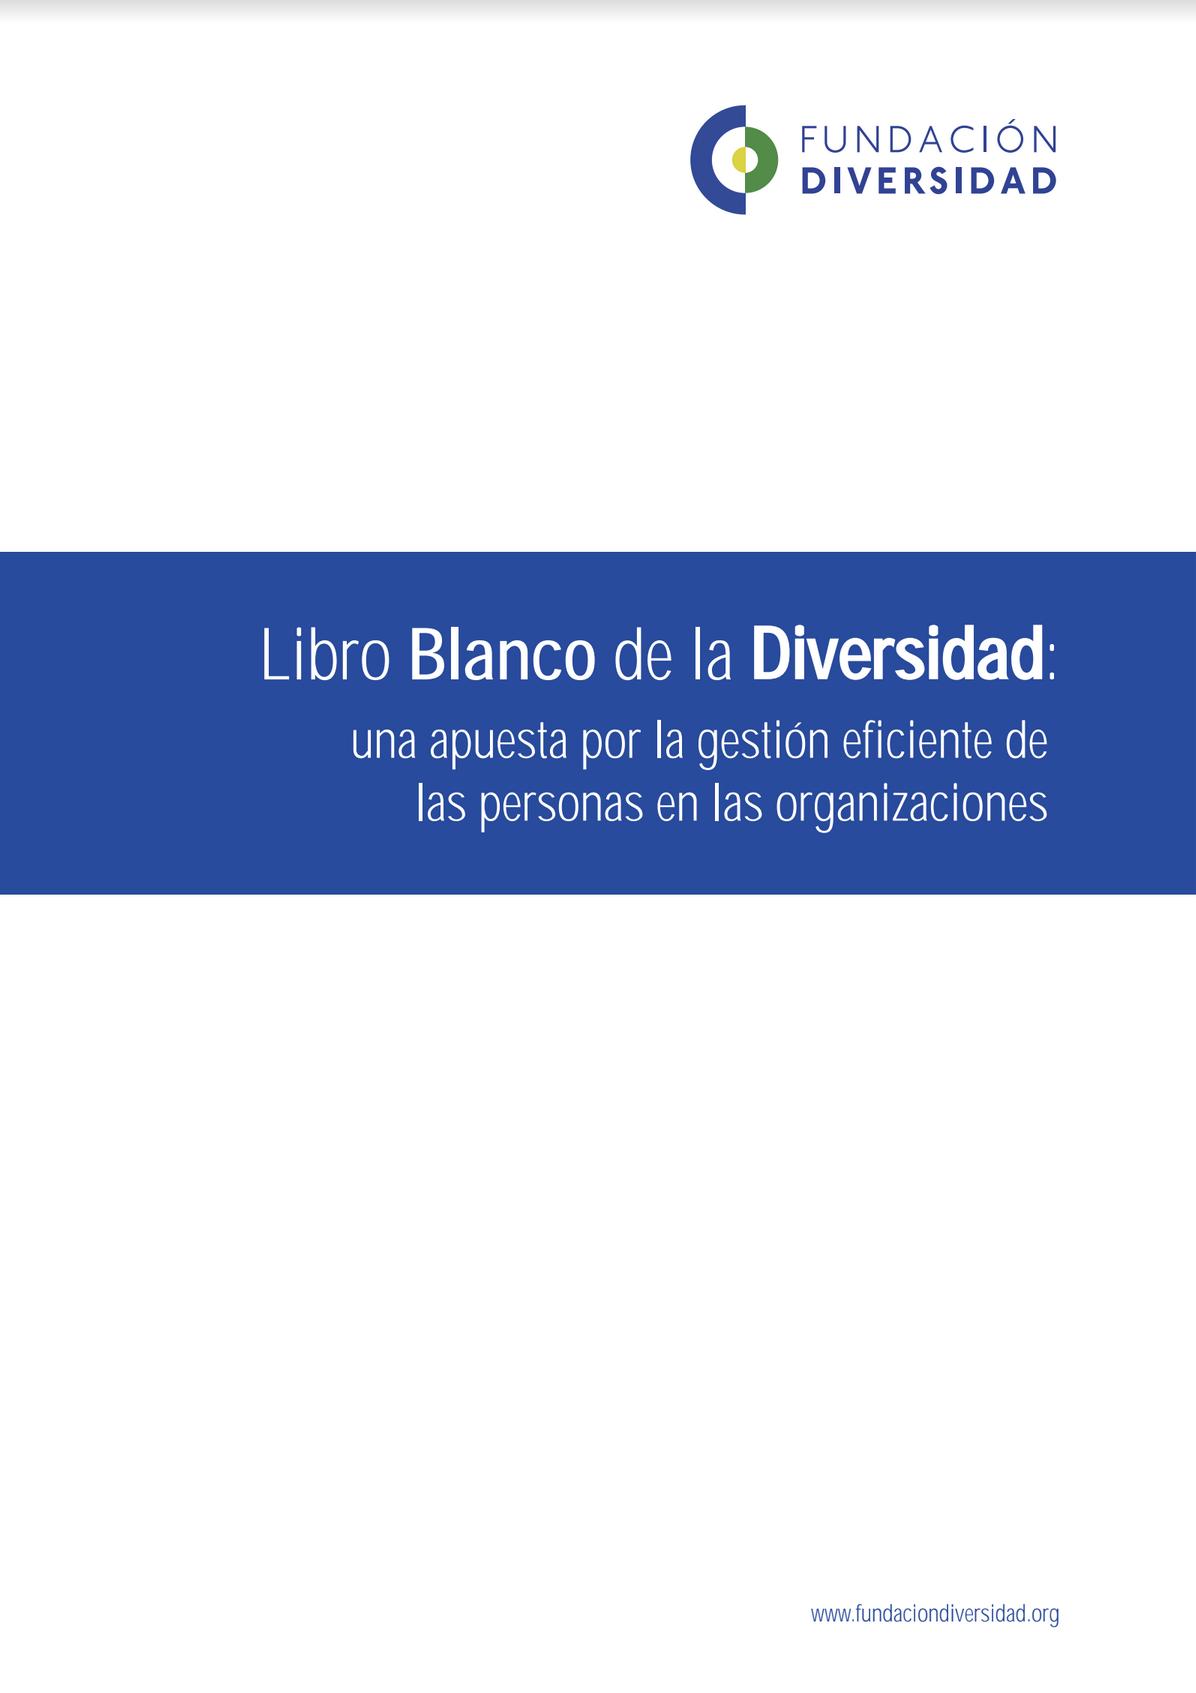 libro blanco de la diversidad: una apuesta por la gestión eficiente de las personas en las organizaciones Libro Blanco de la Diversidad: una apuesta por la gestión eficiente de las personas en las organizaciones Libro Blanco de la Diversidad una apuesta por la gestion eficiente capa